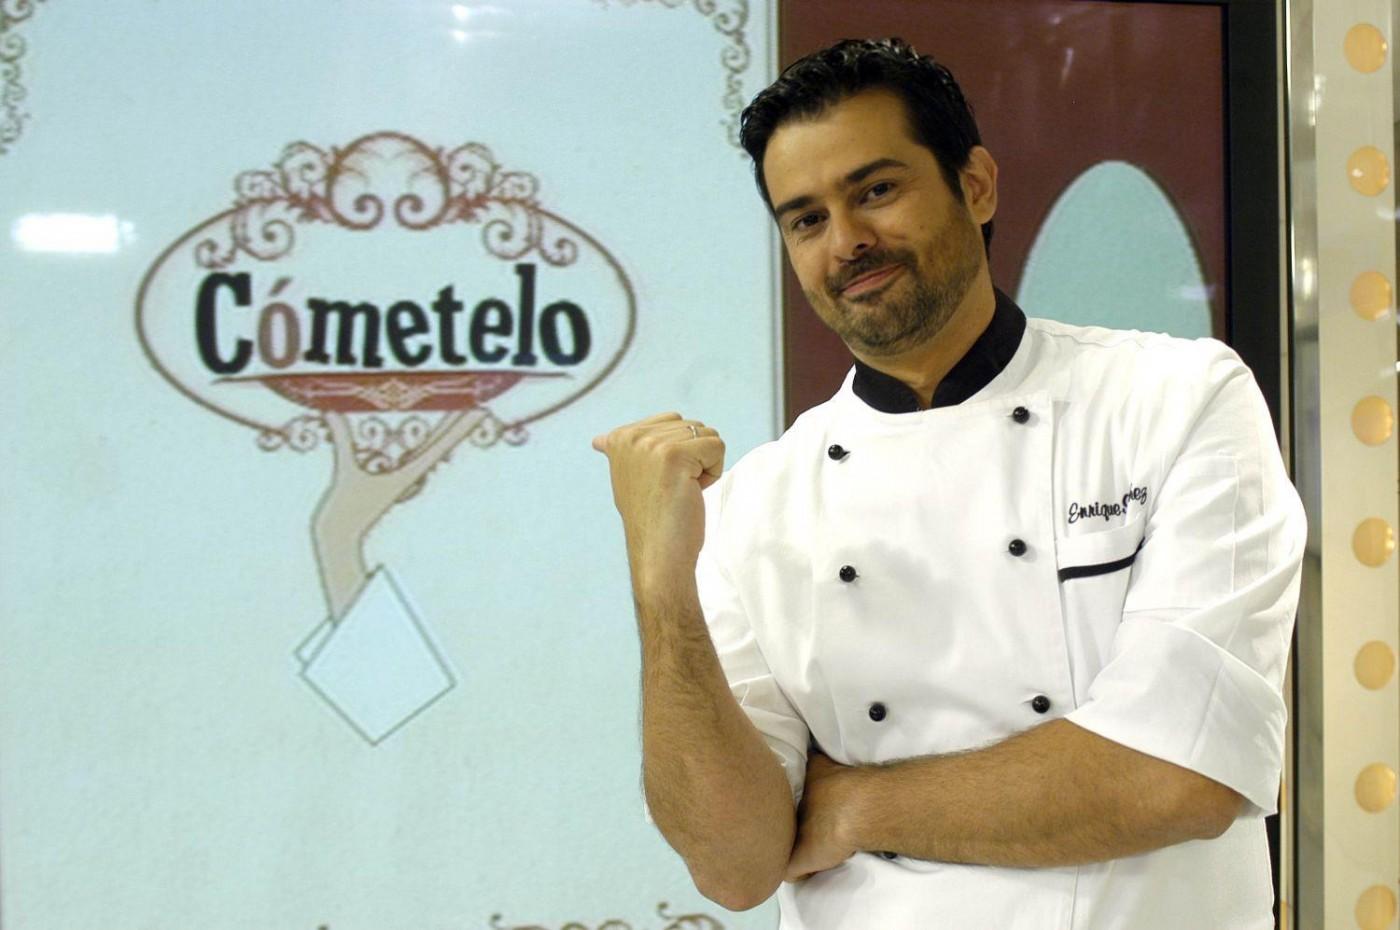 Canal sur emite la actuaci n del chef enrique s nchez en la iii jornada de la habichuela - Cocina canal sur ...